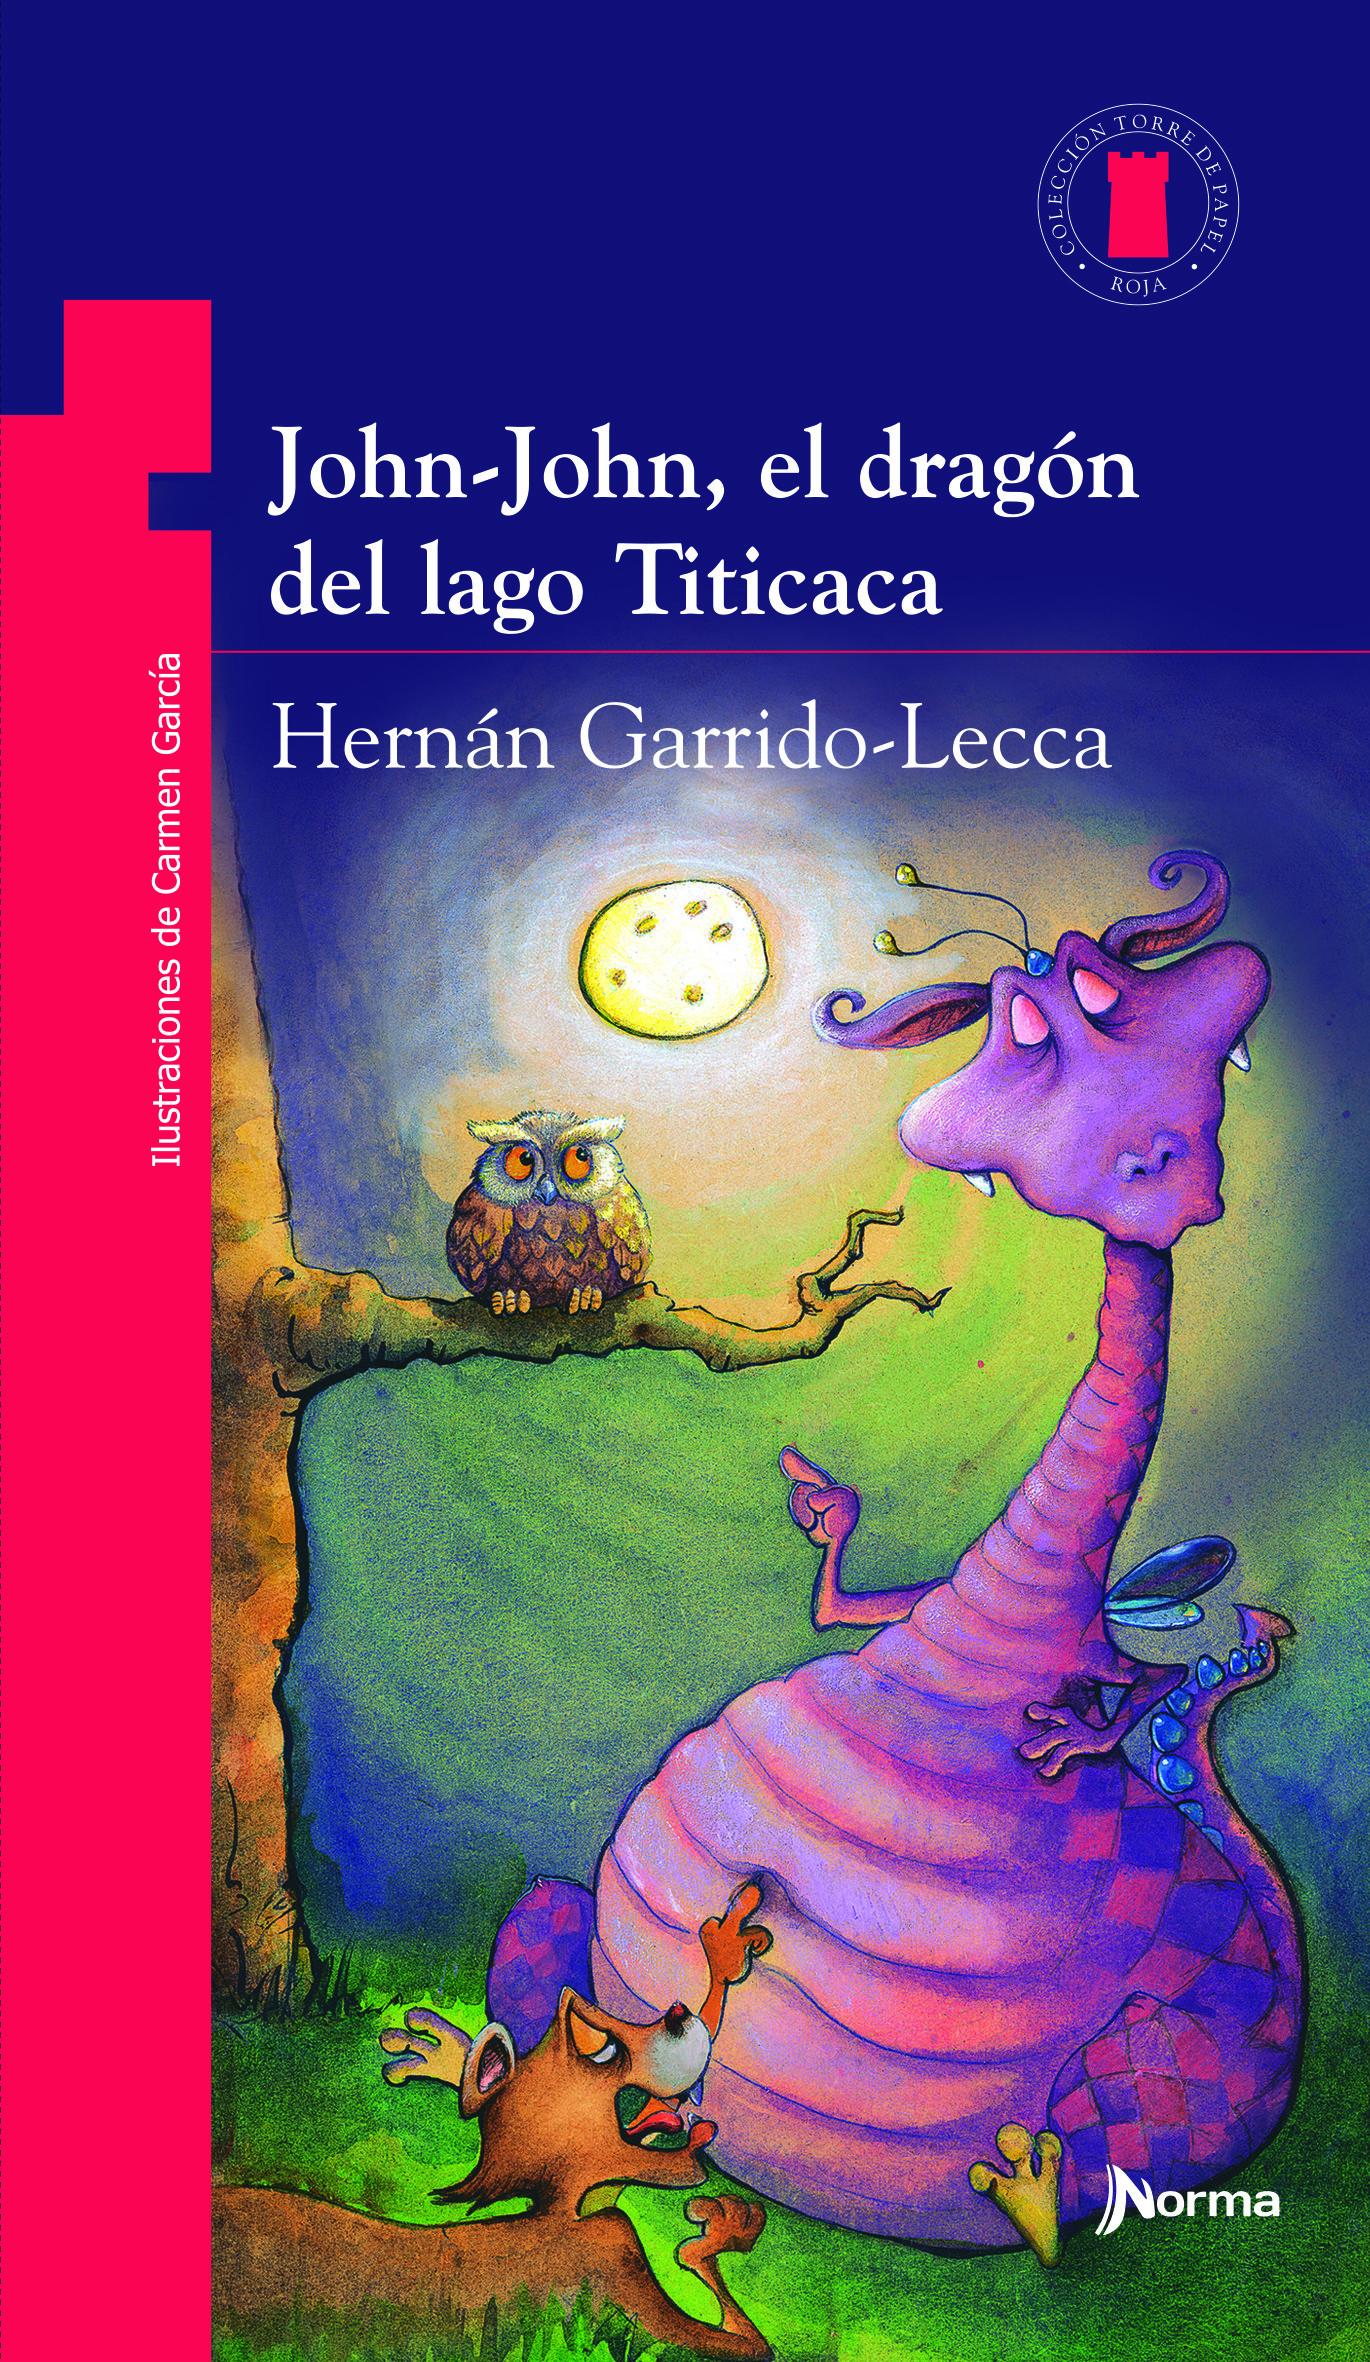 John-John, el dragón del lago Titicaca